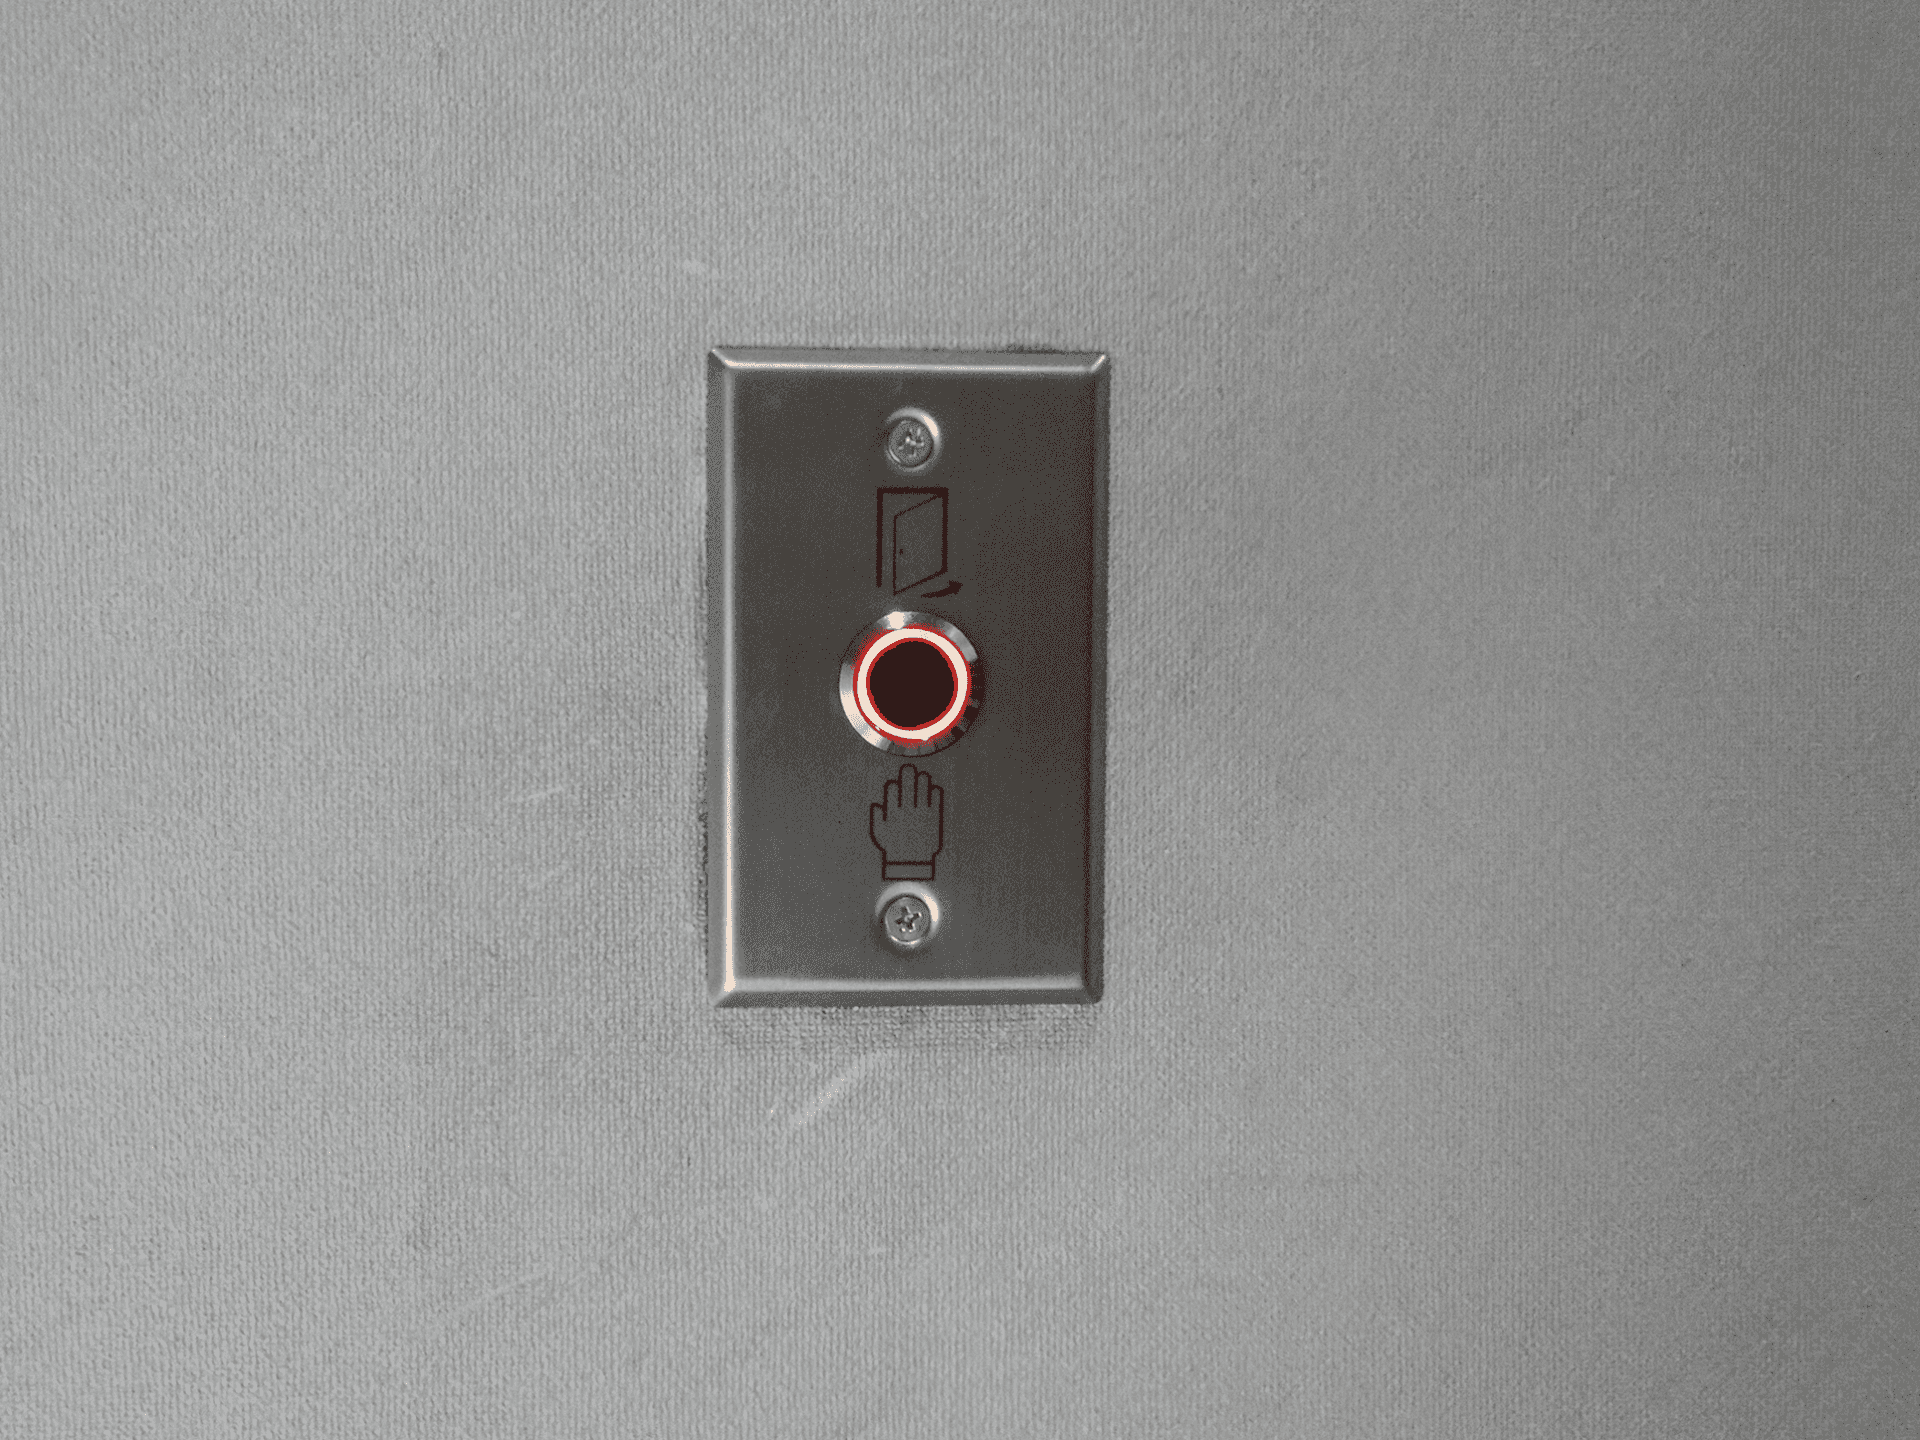 非接触解錠スイッチに変更